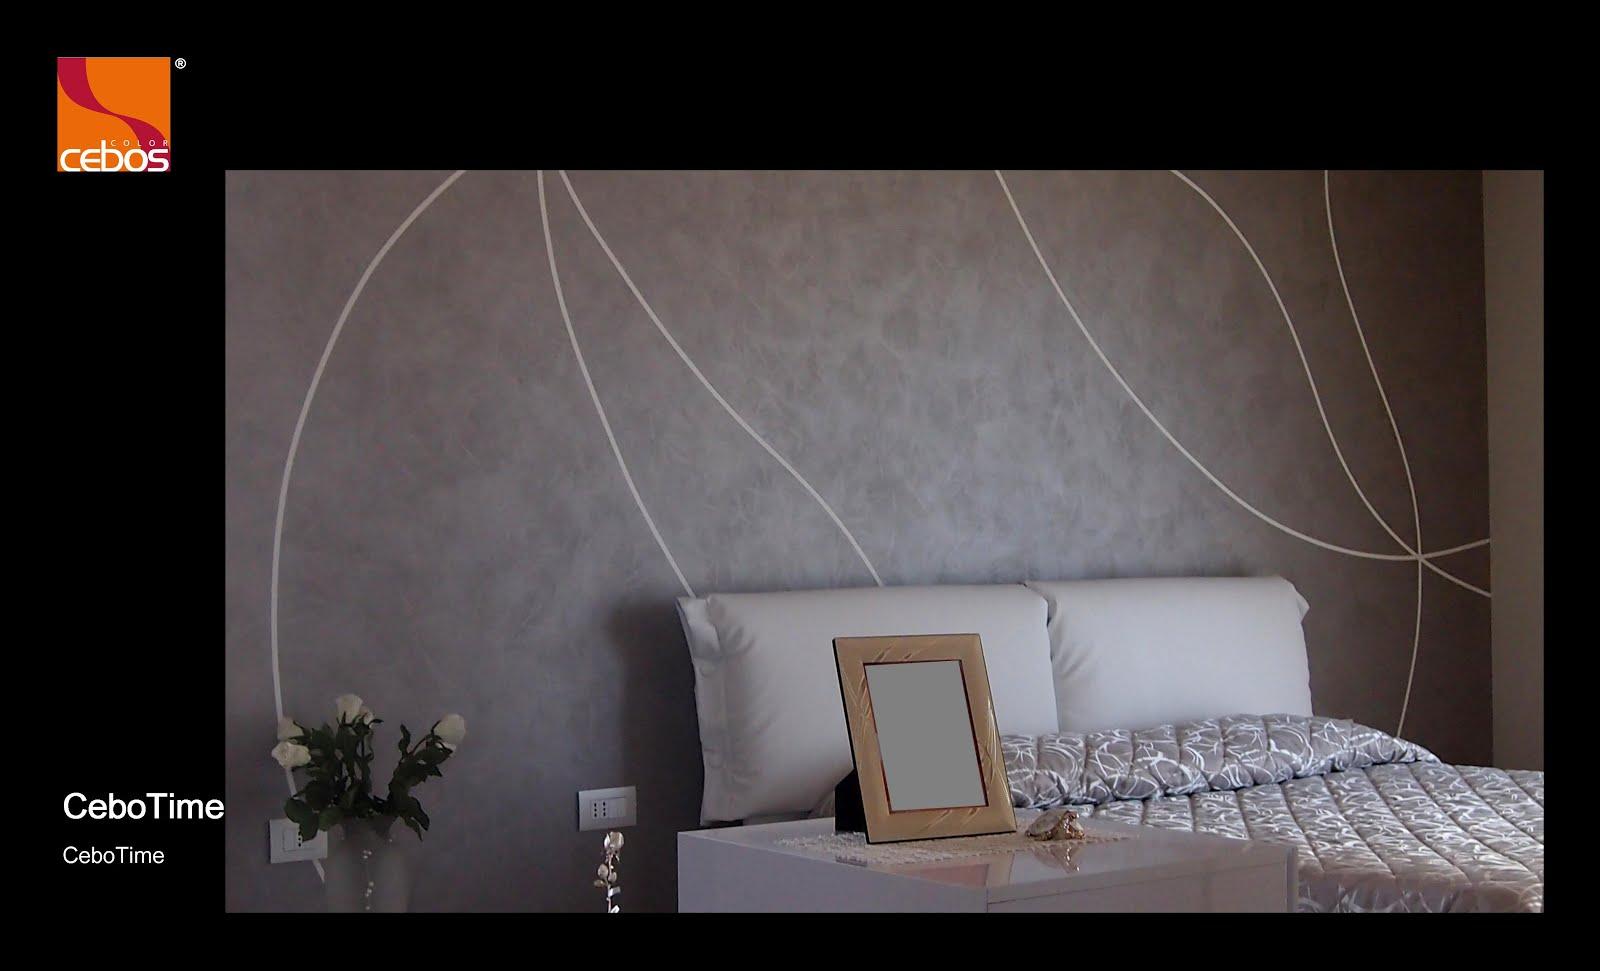 Scalia forniture cebotime un decorativo per le vostre - Stucco decorativo per pareti ...